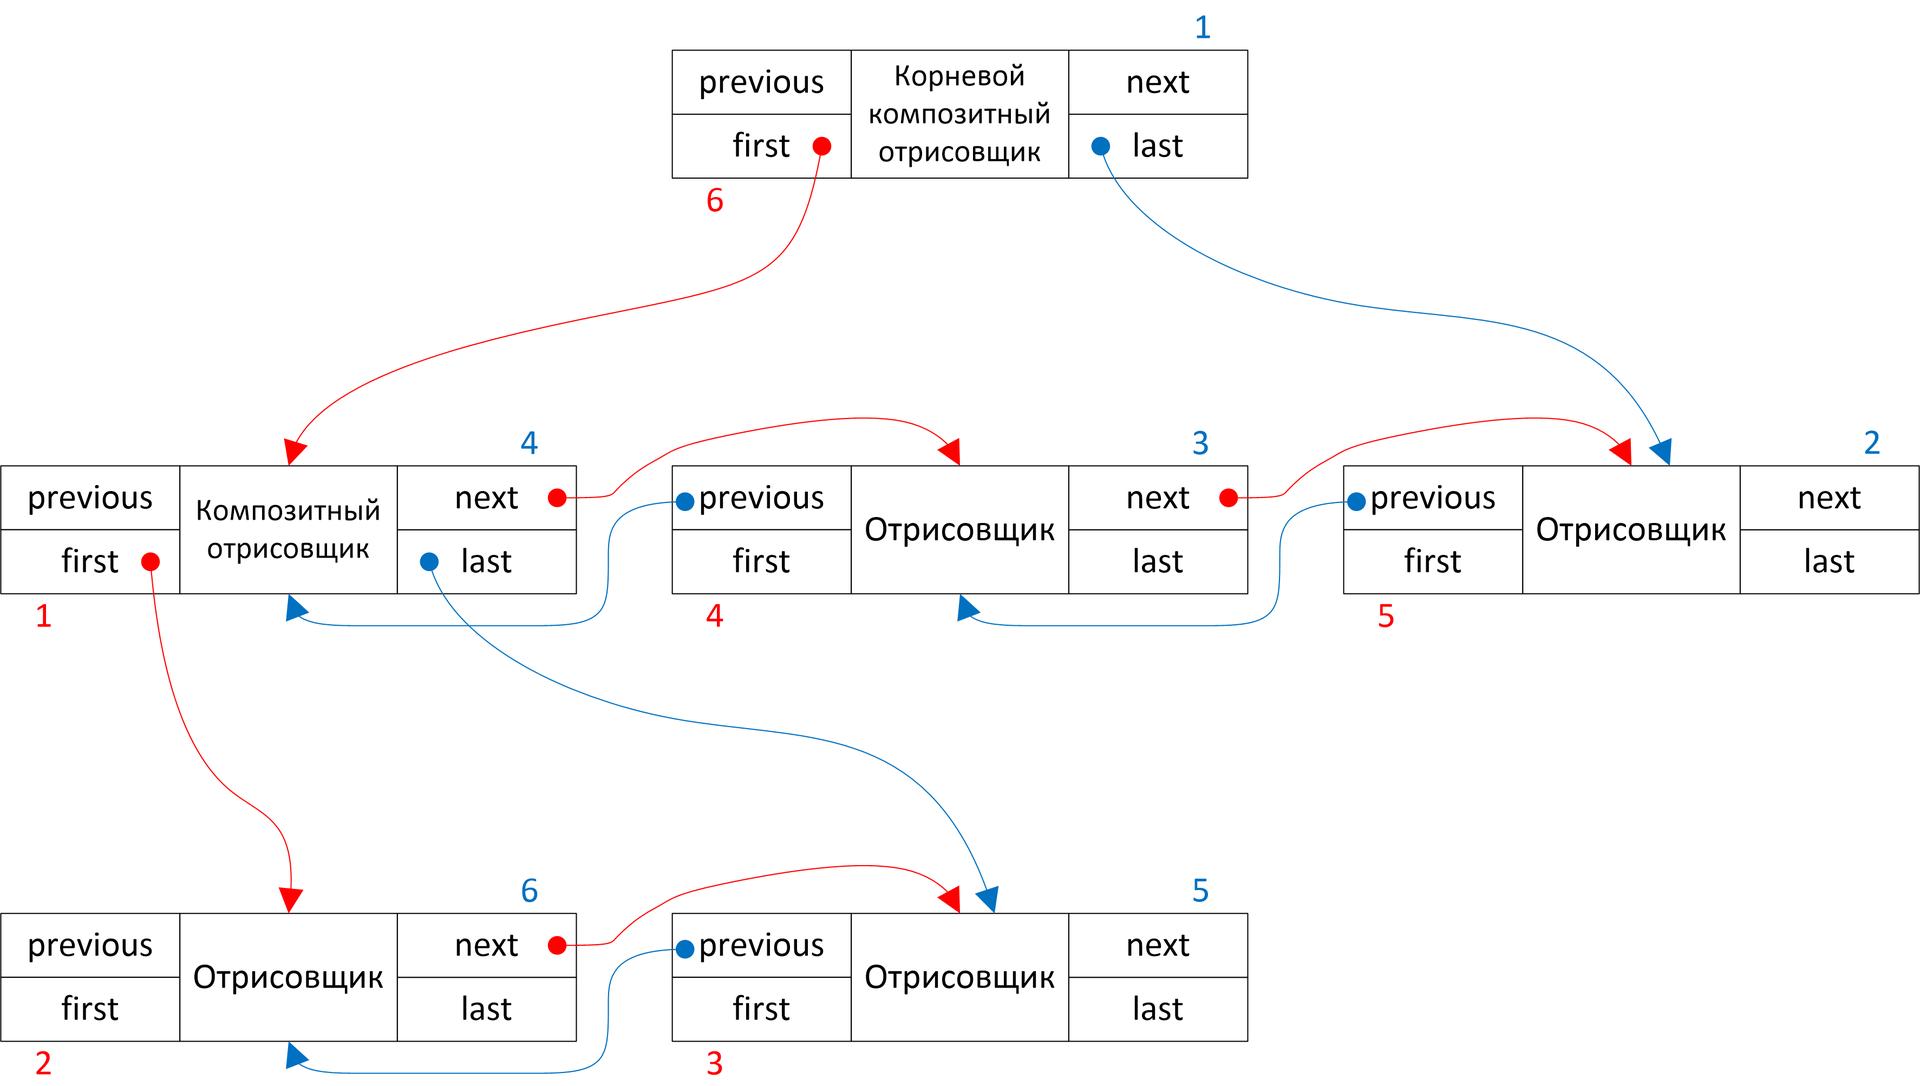 Реализация интерактивных диаграмм с помощью ООП на примере прототипа редактора UML-диаграмм. Часть 1 - 8